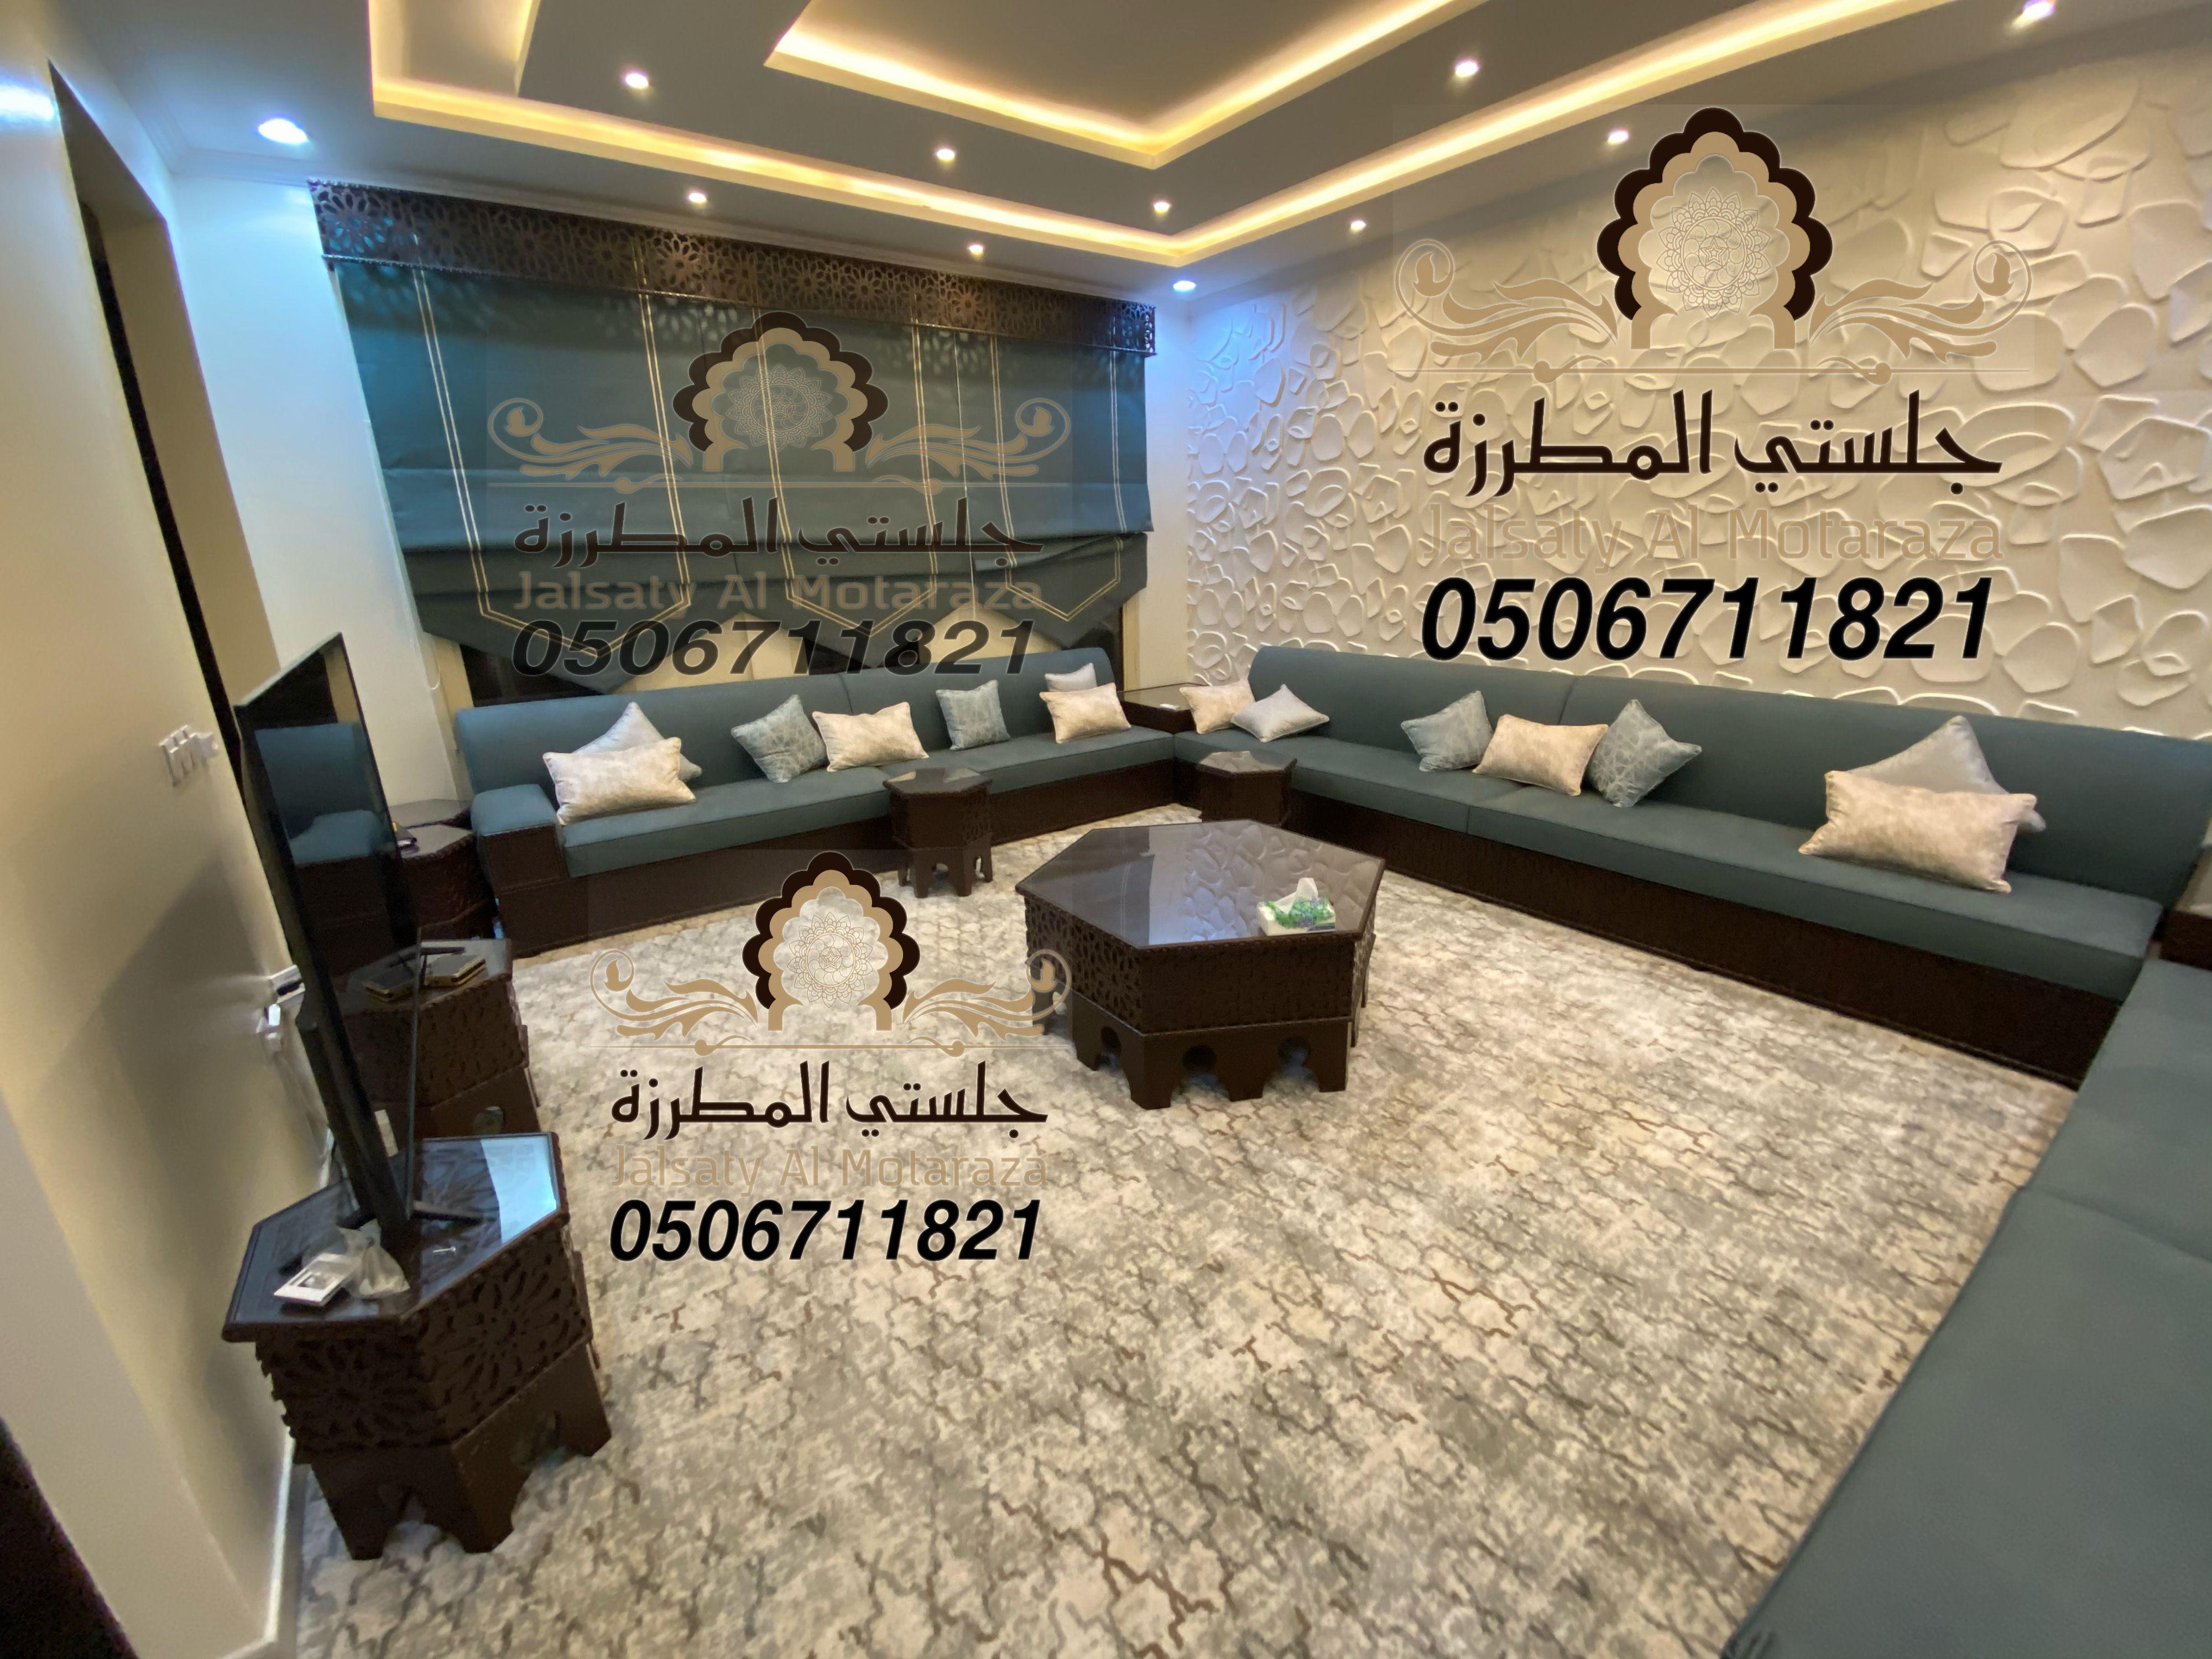 مجلس مغربي فاخر من تصميم وتنفيذ جلستي المطرزة جوال التواصل 0506711821 Home Home Decor Sectional Couch